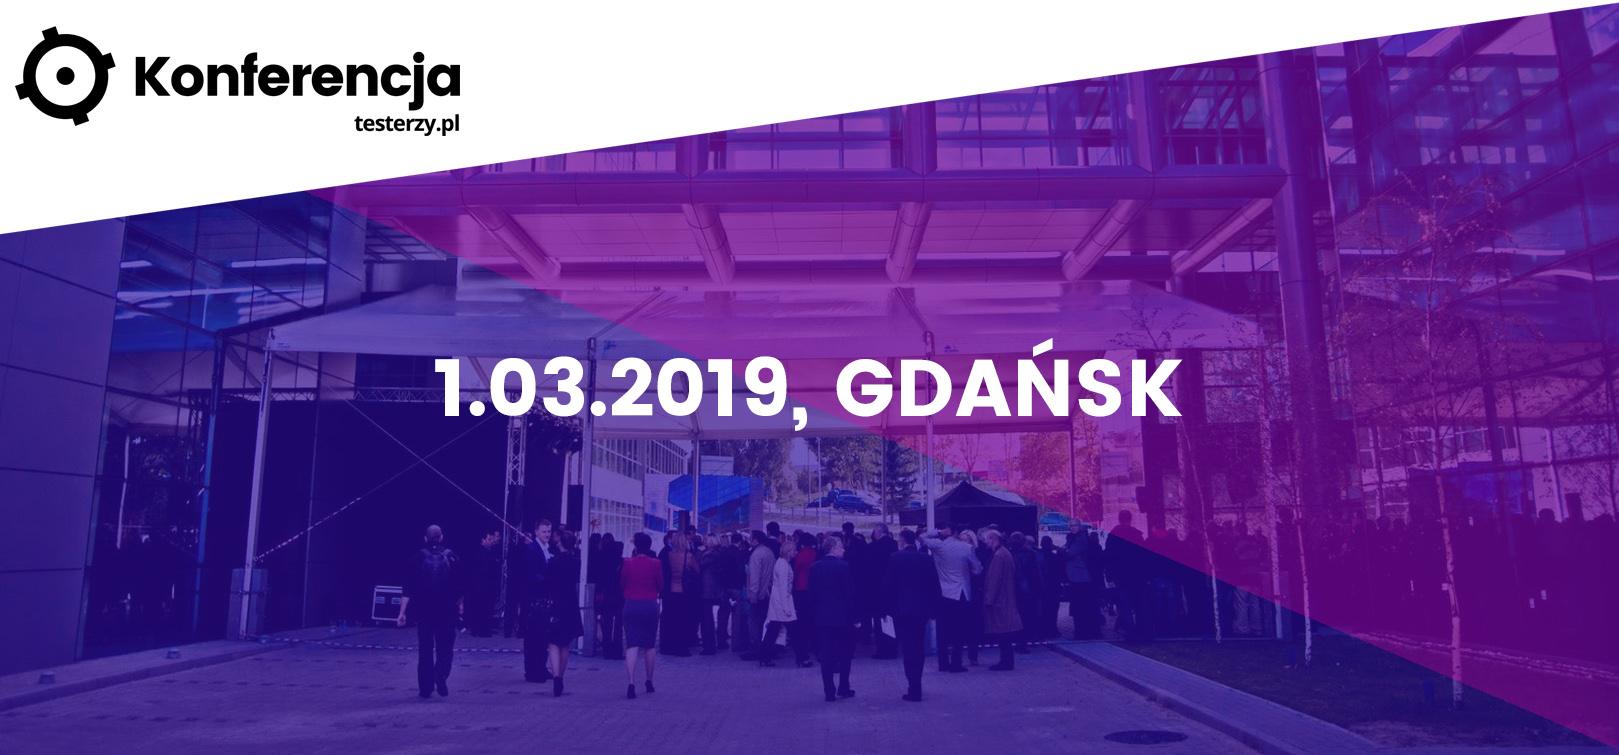 Konferencja testerzy.pl - o czym warto wiedzieć